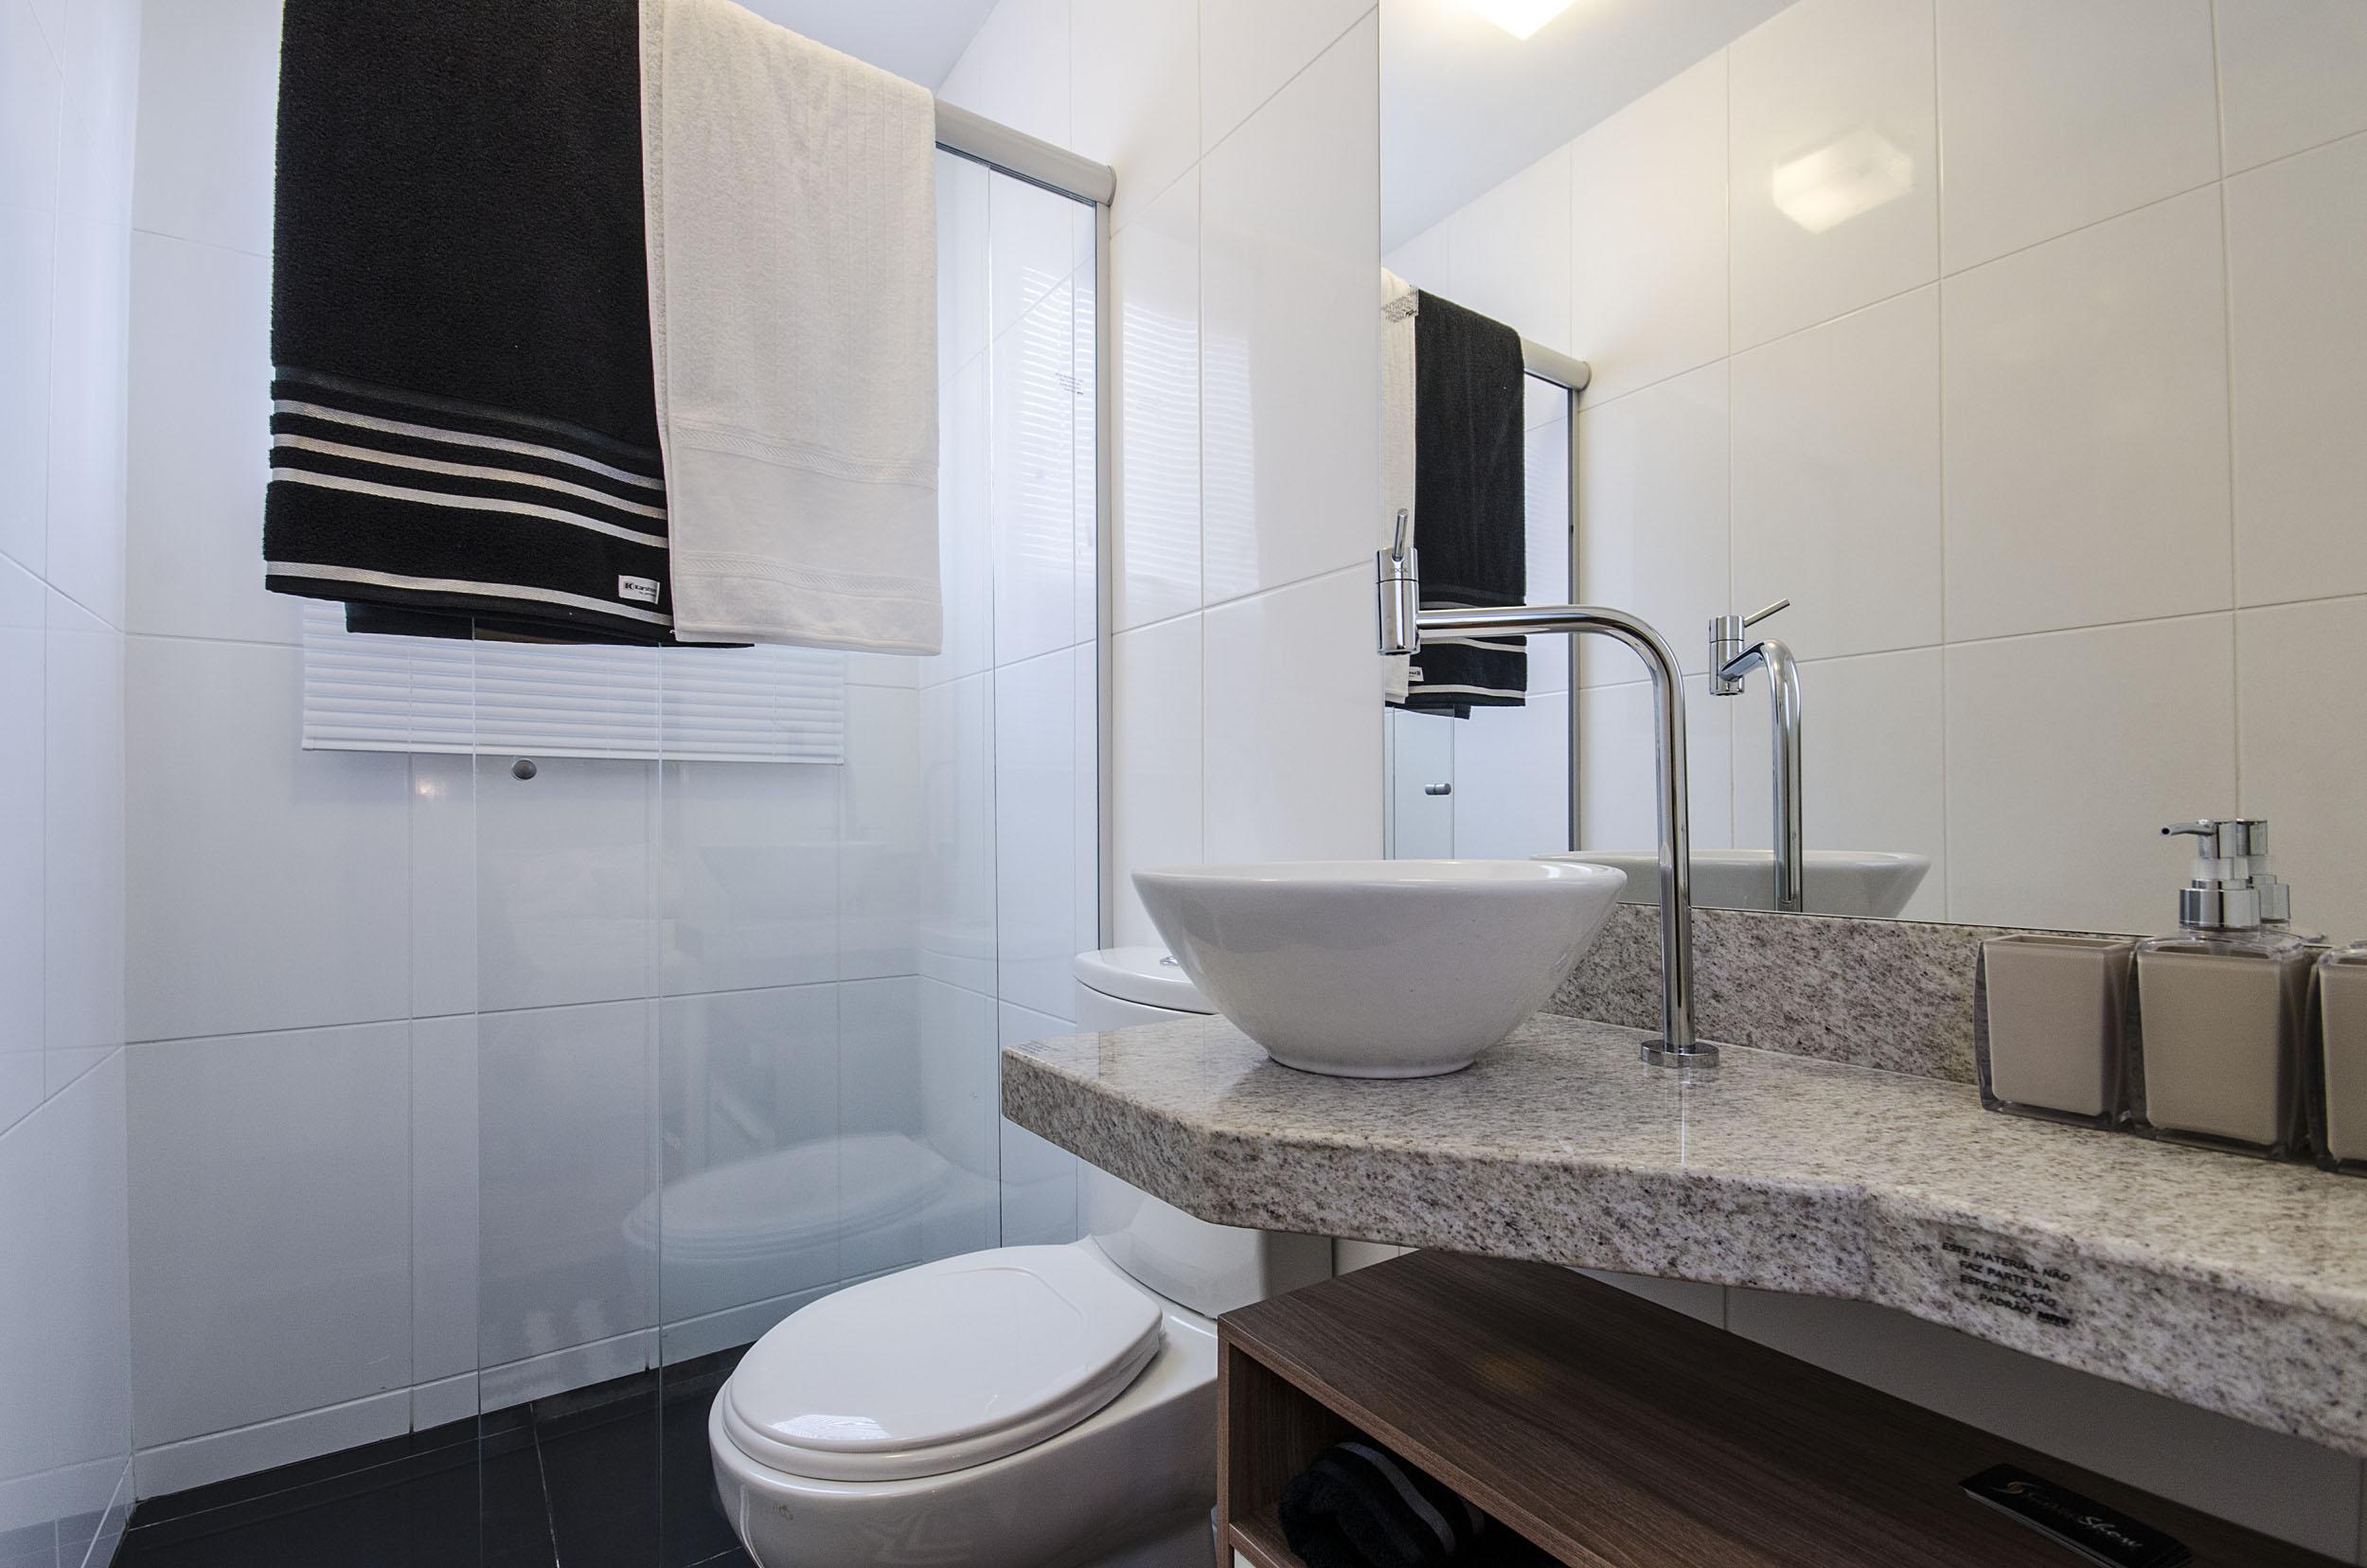 Segredos na decoração de banheiros pequenos  Blog Corporativo MRV Engenharia -> Acessorios Banheiro Pequeno